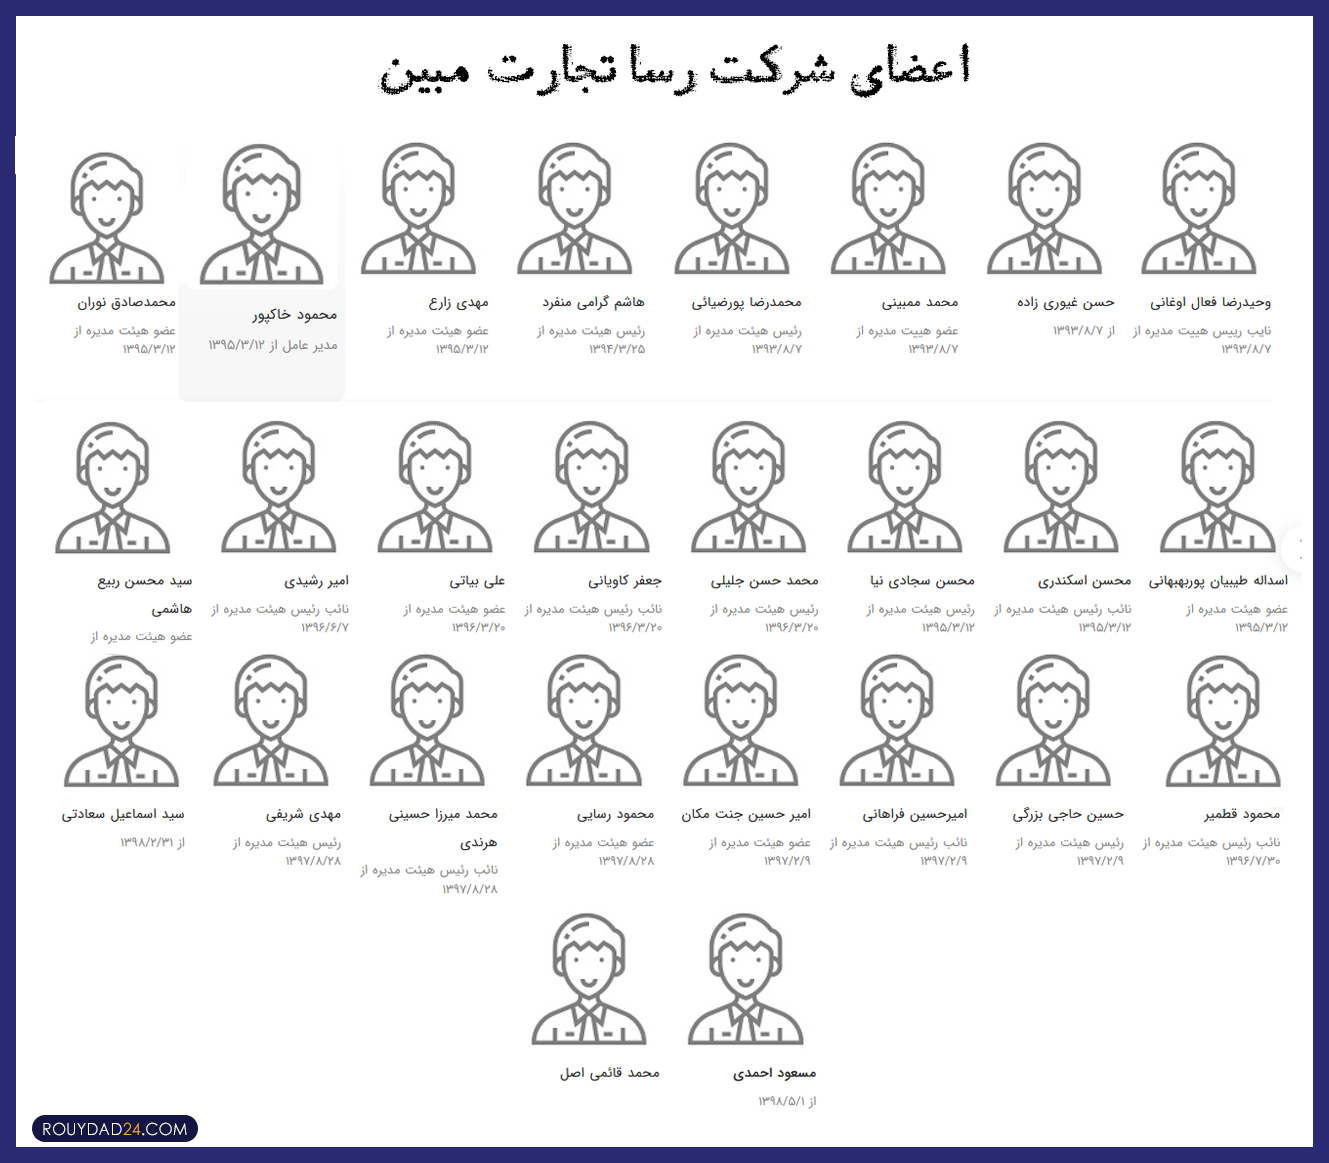 رشوه 65 میلیاردی شهرداری تهران